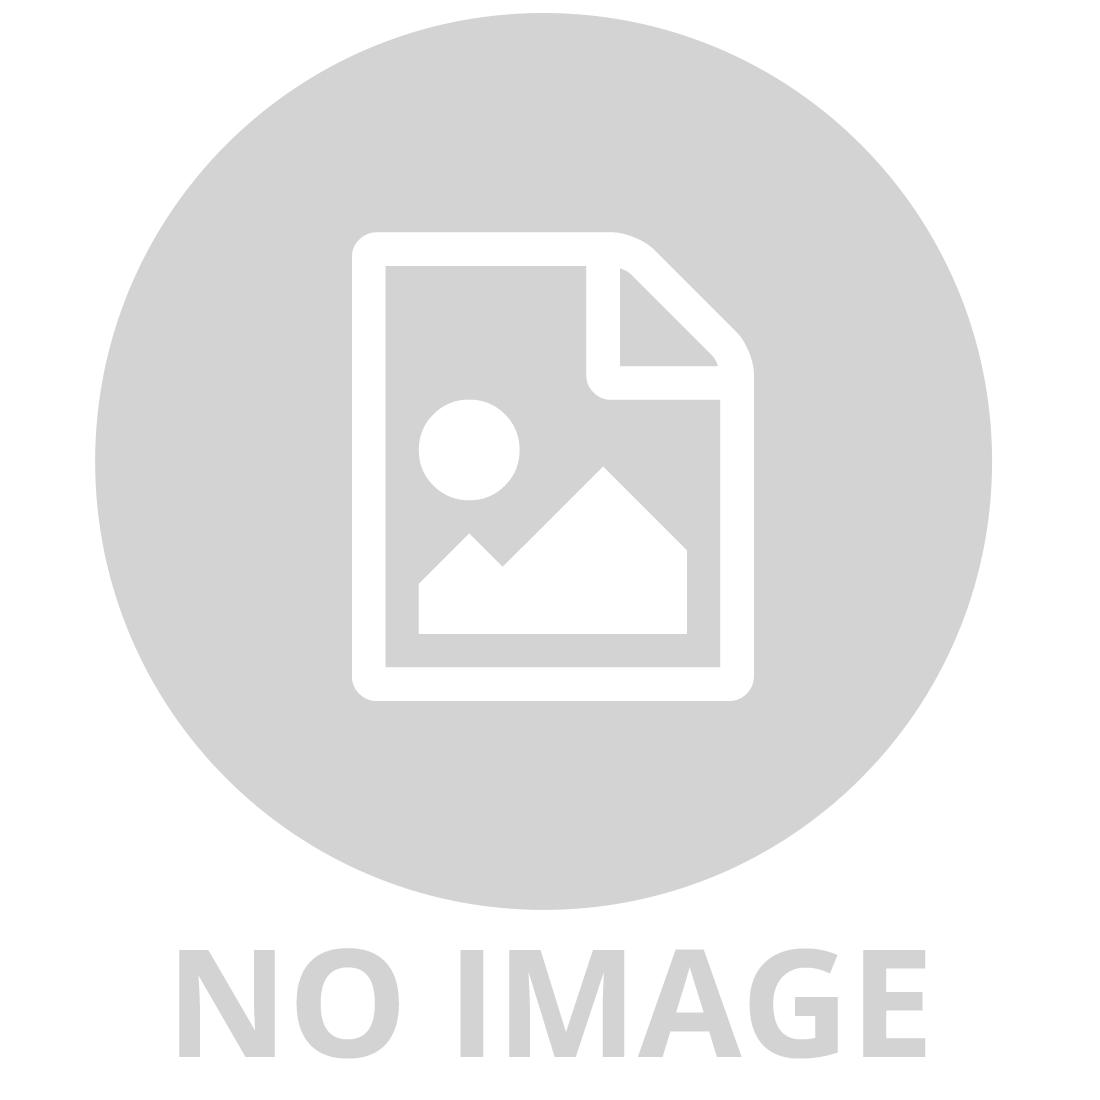 BUBBLE LAB BUBBLE MACHINE